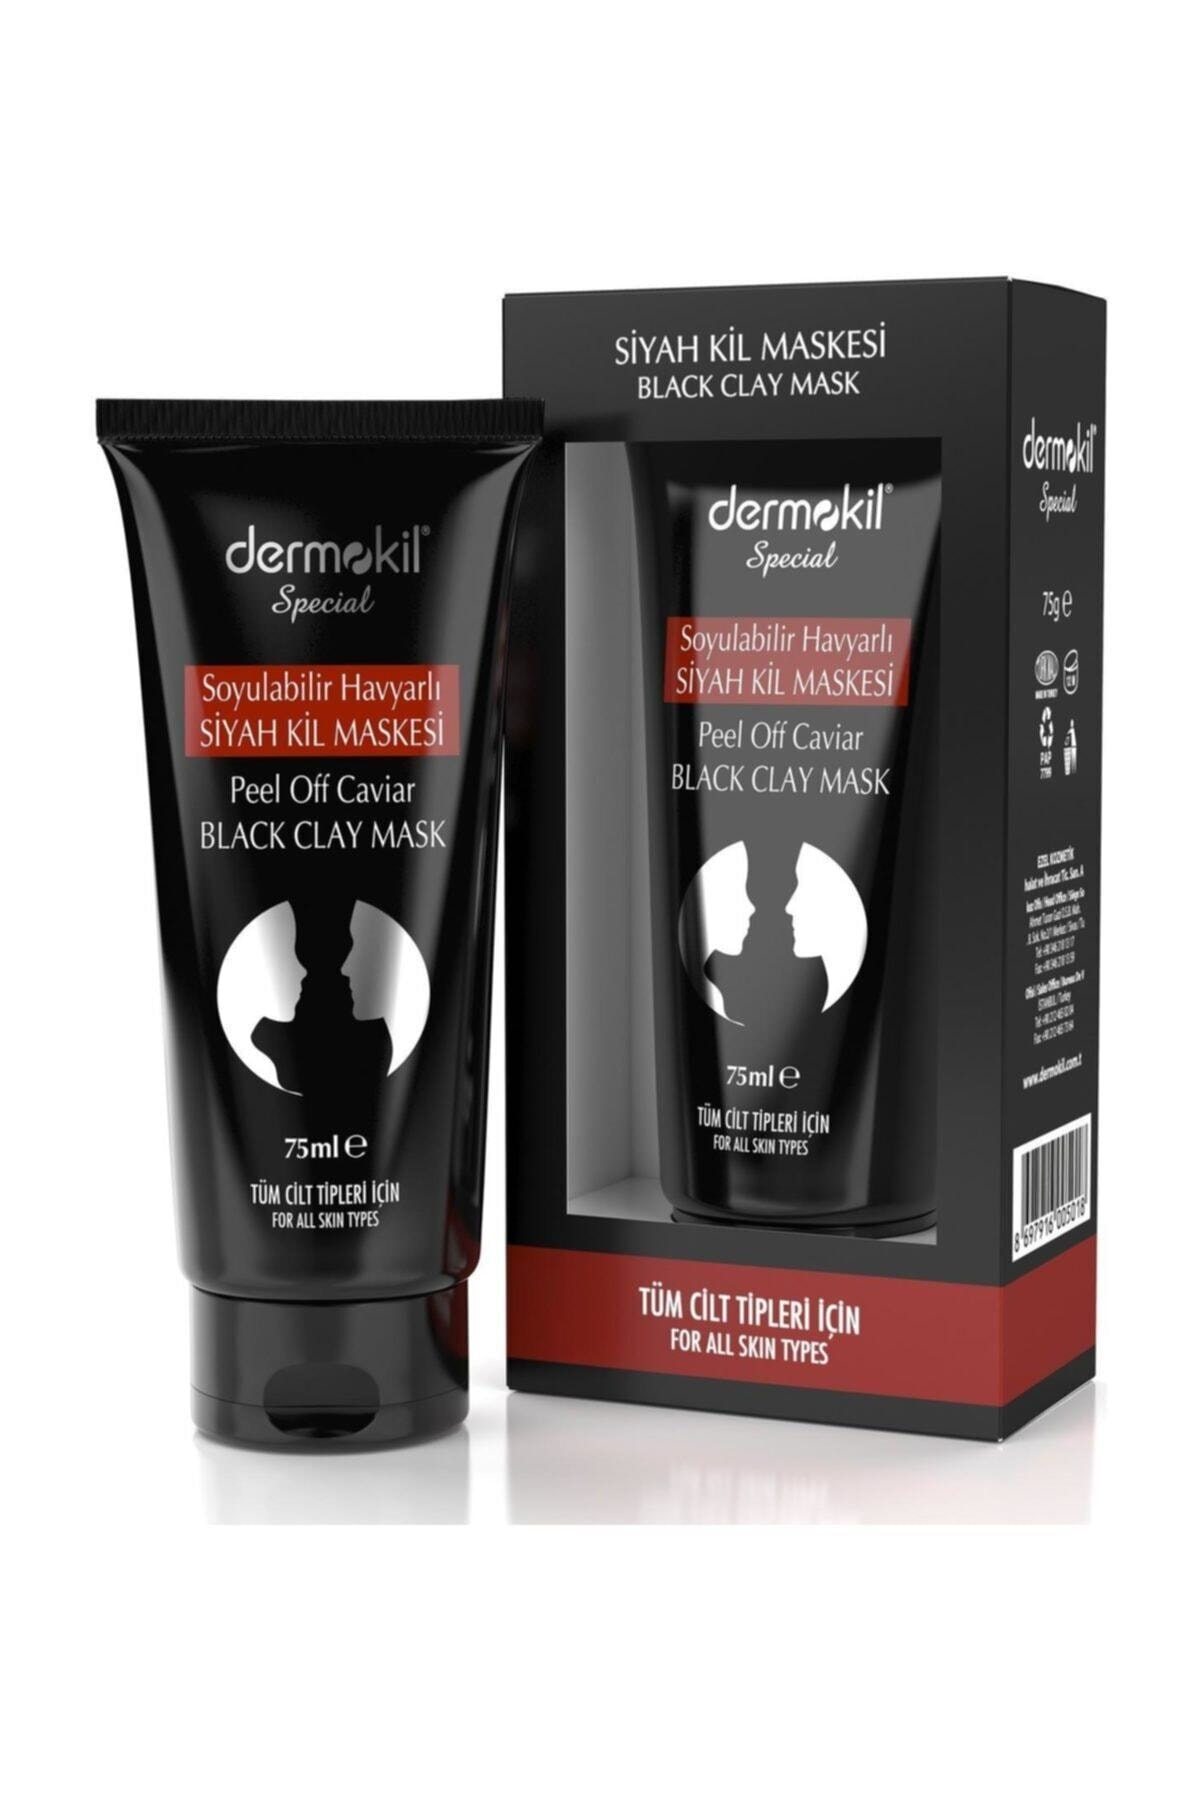 Dermokil Special Soyulabilir Havyarlı Siyah Kil Maskesi 75 Ml Tüm Cilt Tipleri Için 8697916005018 1